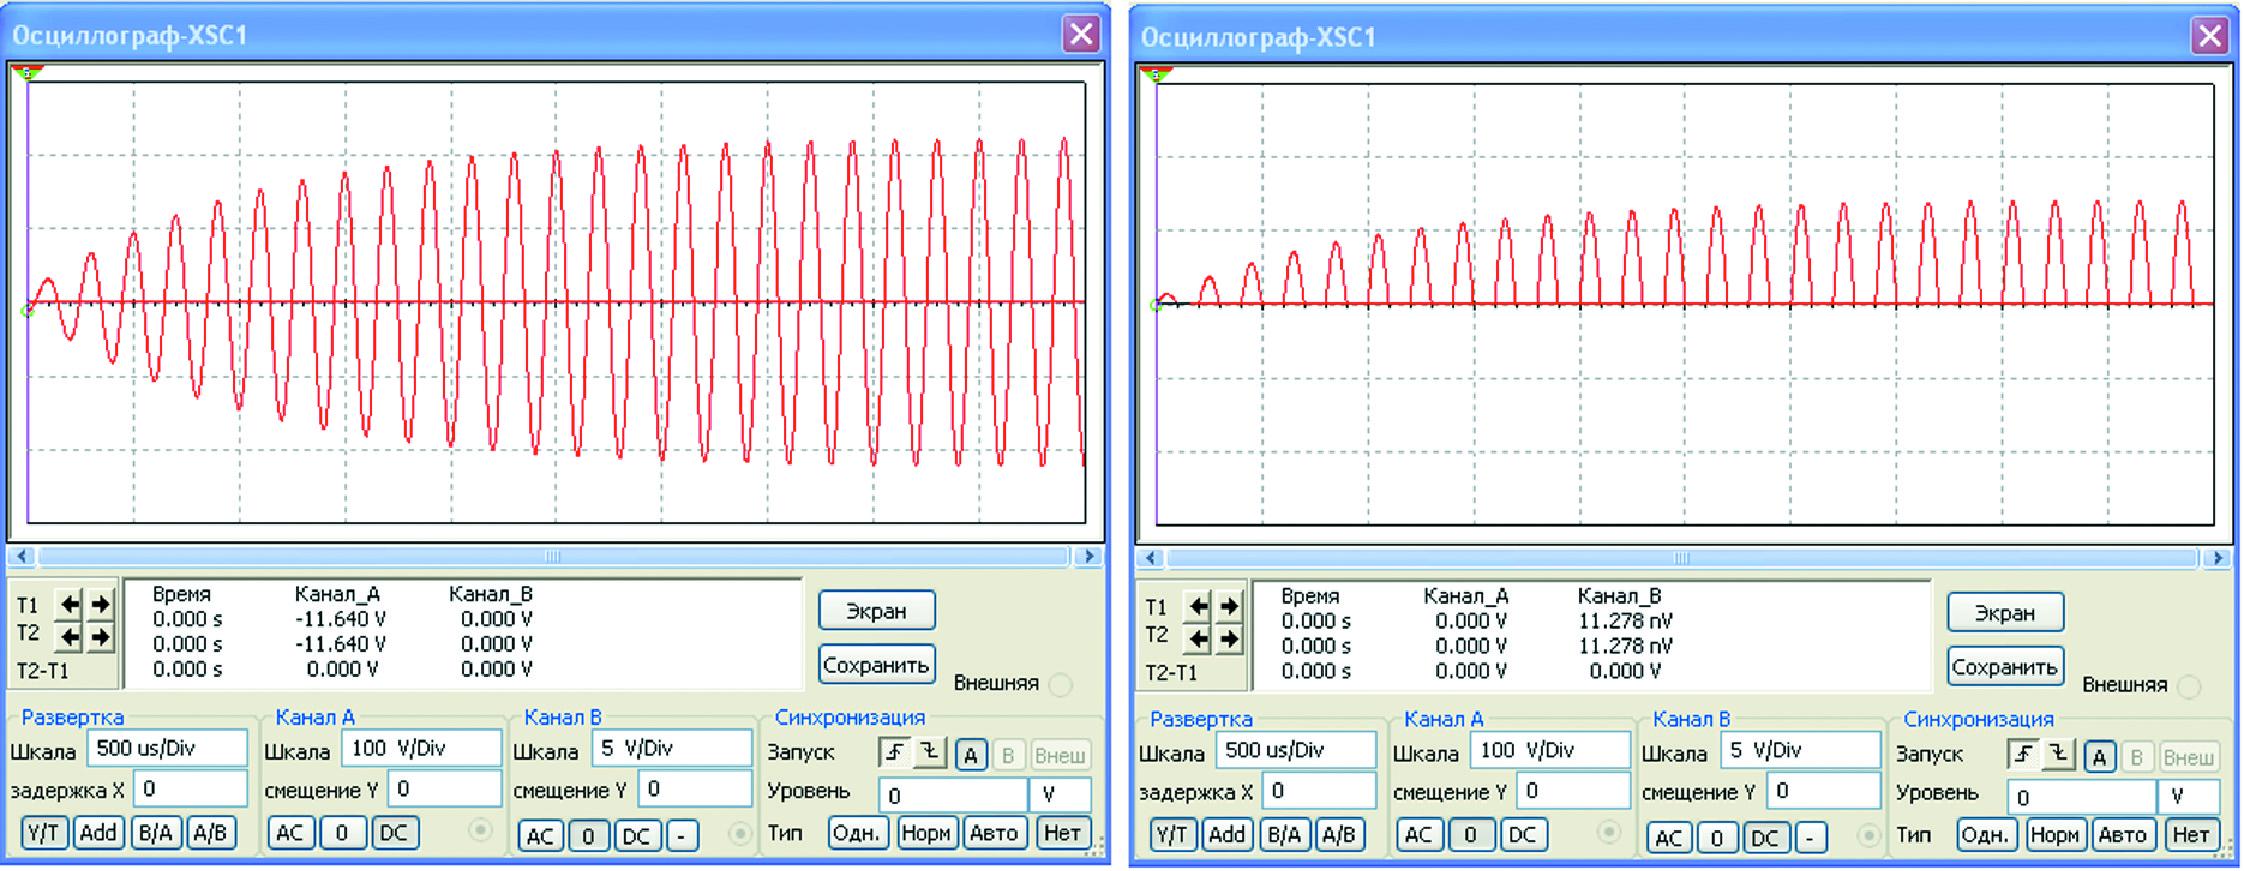 Осциллограммы напряжения емкости и токов ветвей, полученные в программе MultiSim 11.0